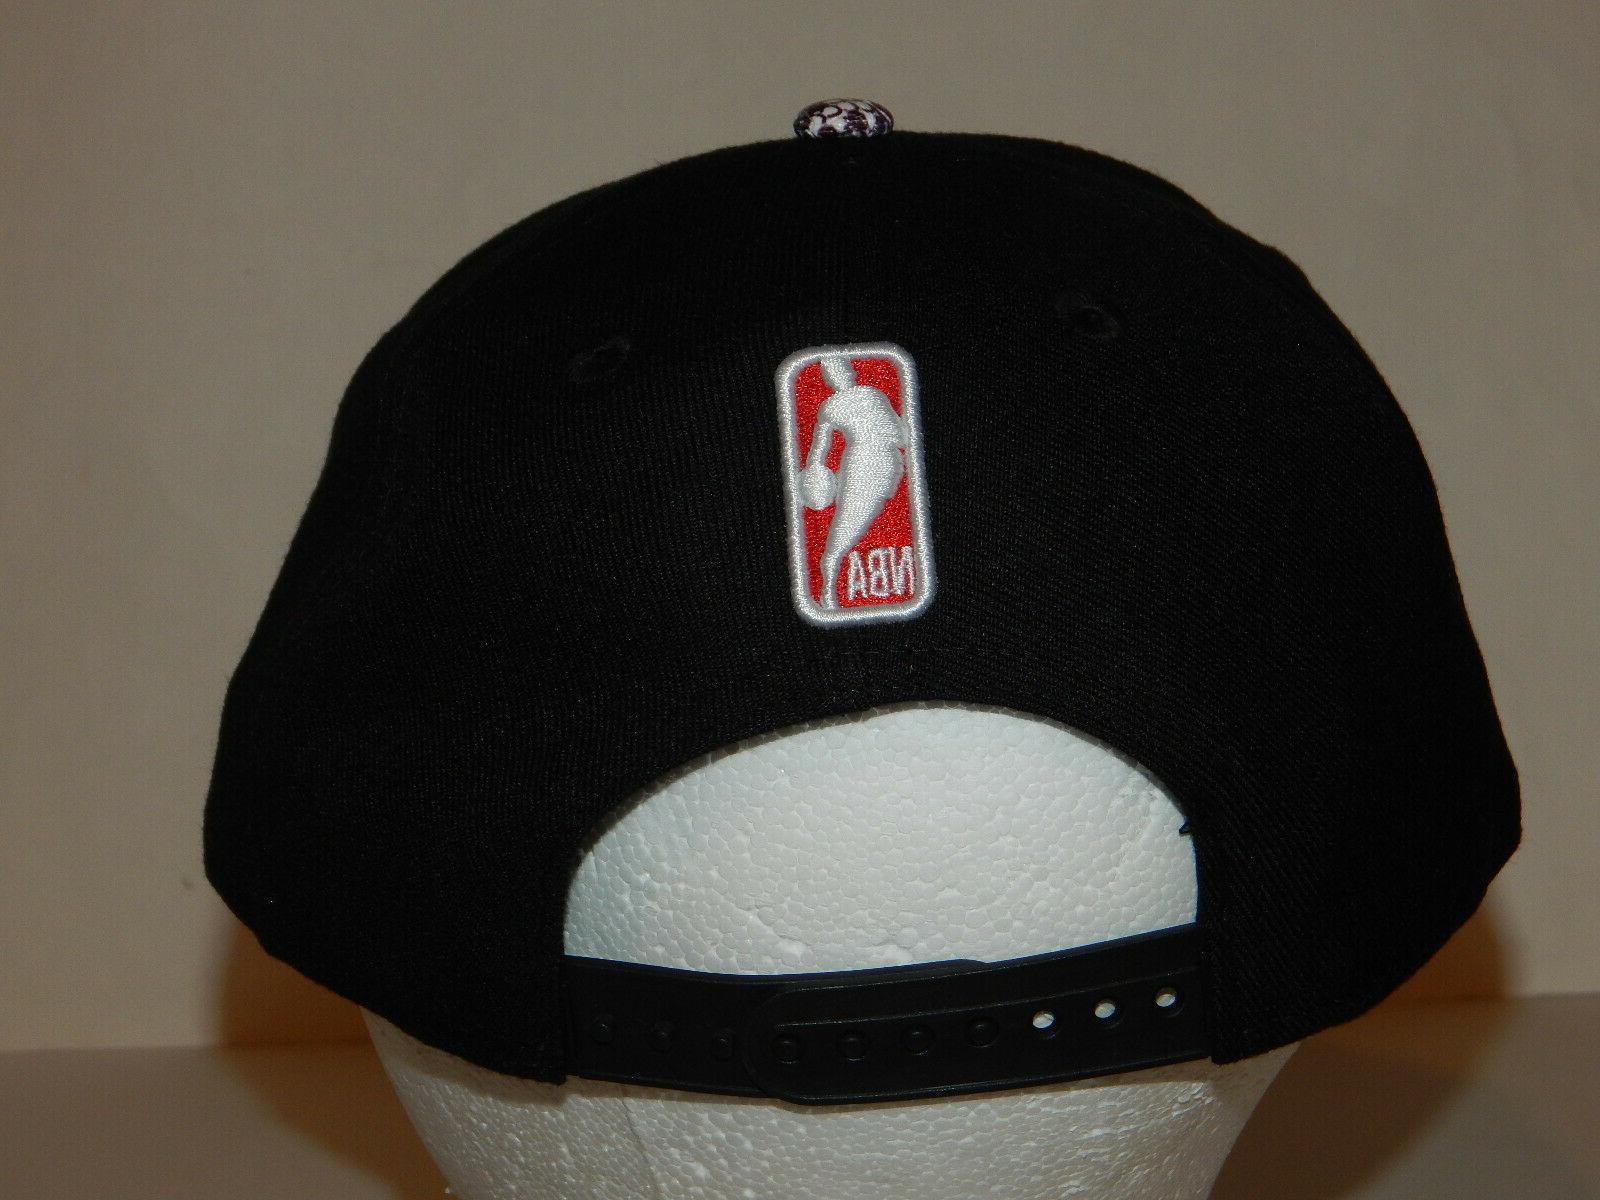 New Era Raptors 9Fifty Hat / Flatbill Black